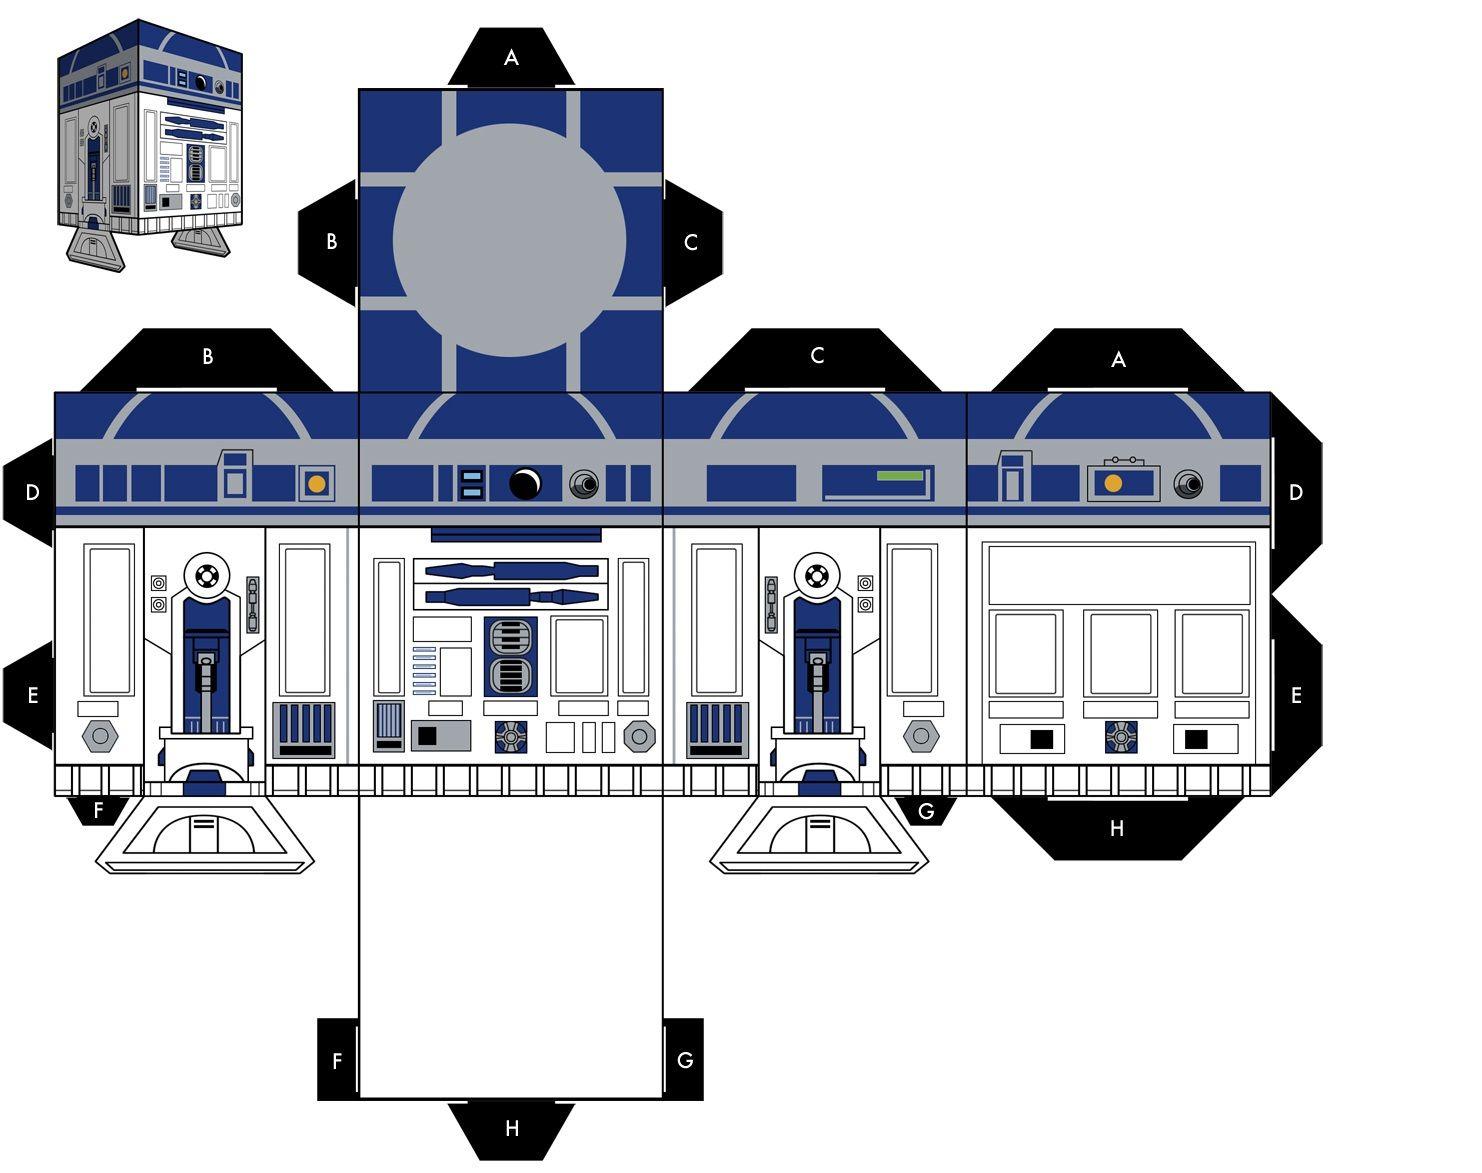 star wars papercraft r2 r8 star wars papercraft all paper craft kitchen gadgets pinterest. Black Bedroom Furniture Sets. Home Design Ideas